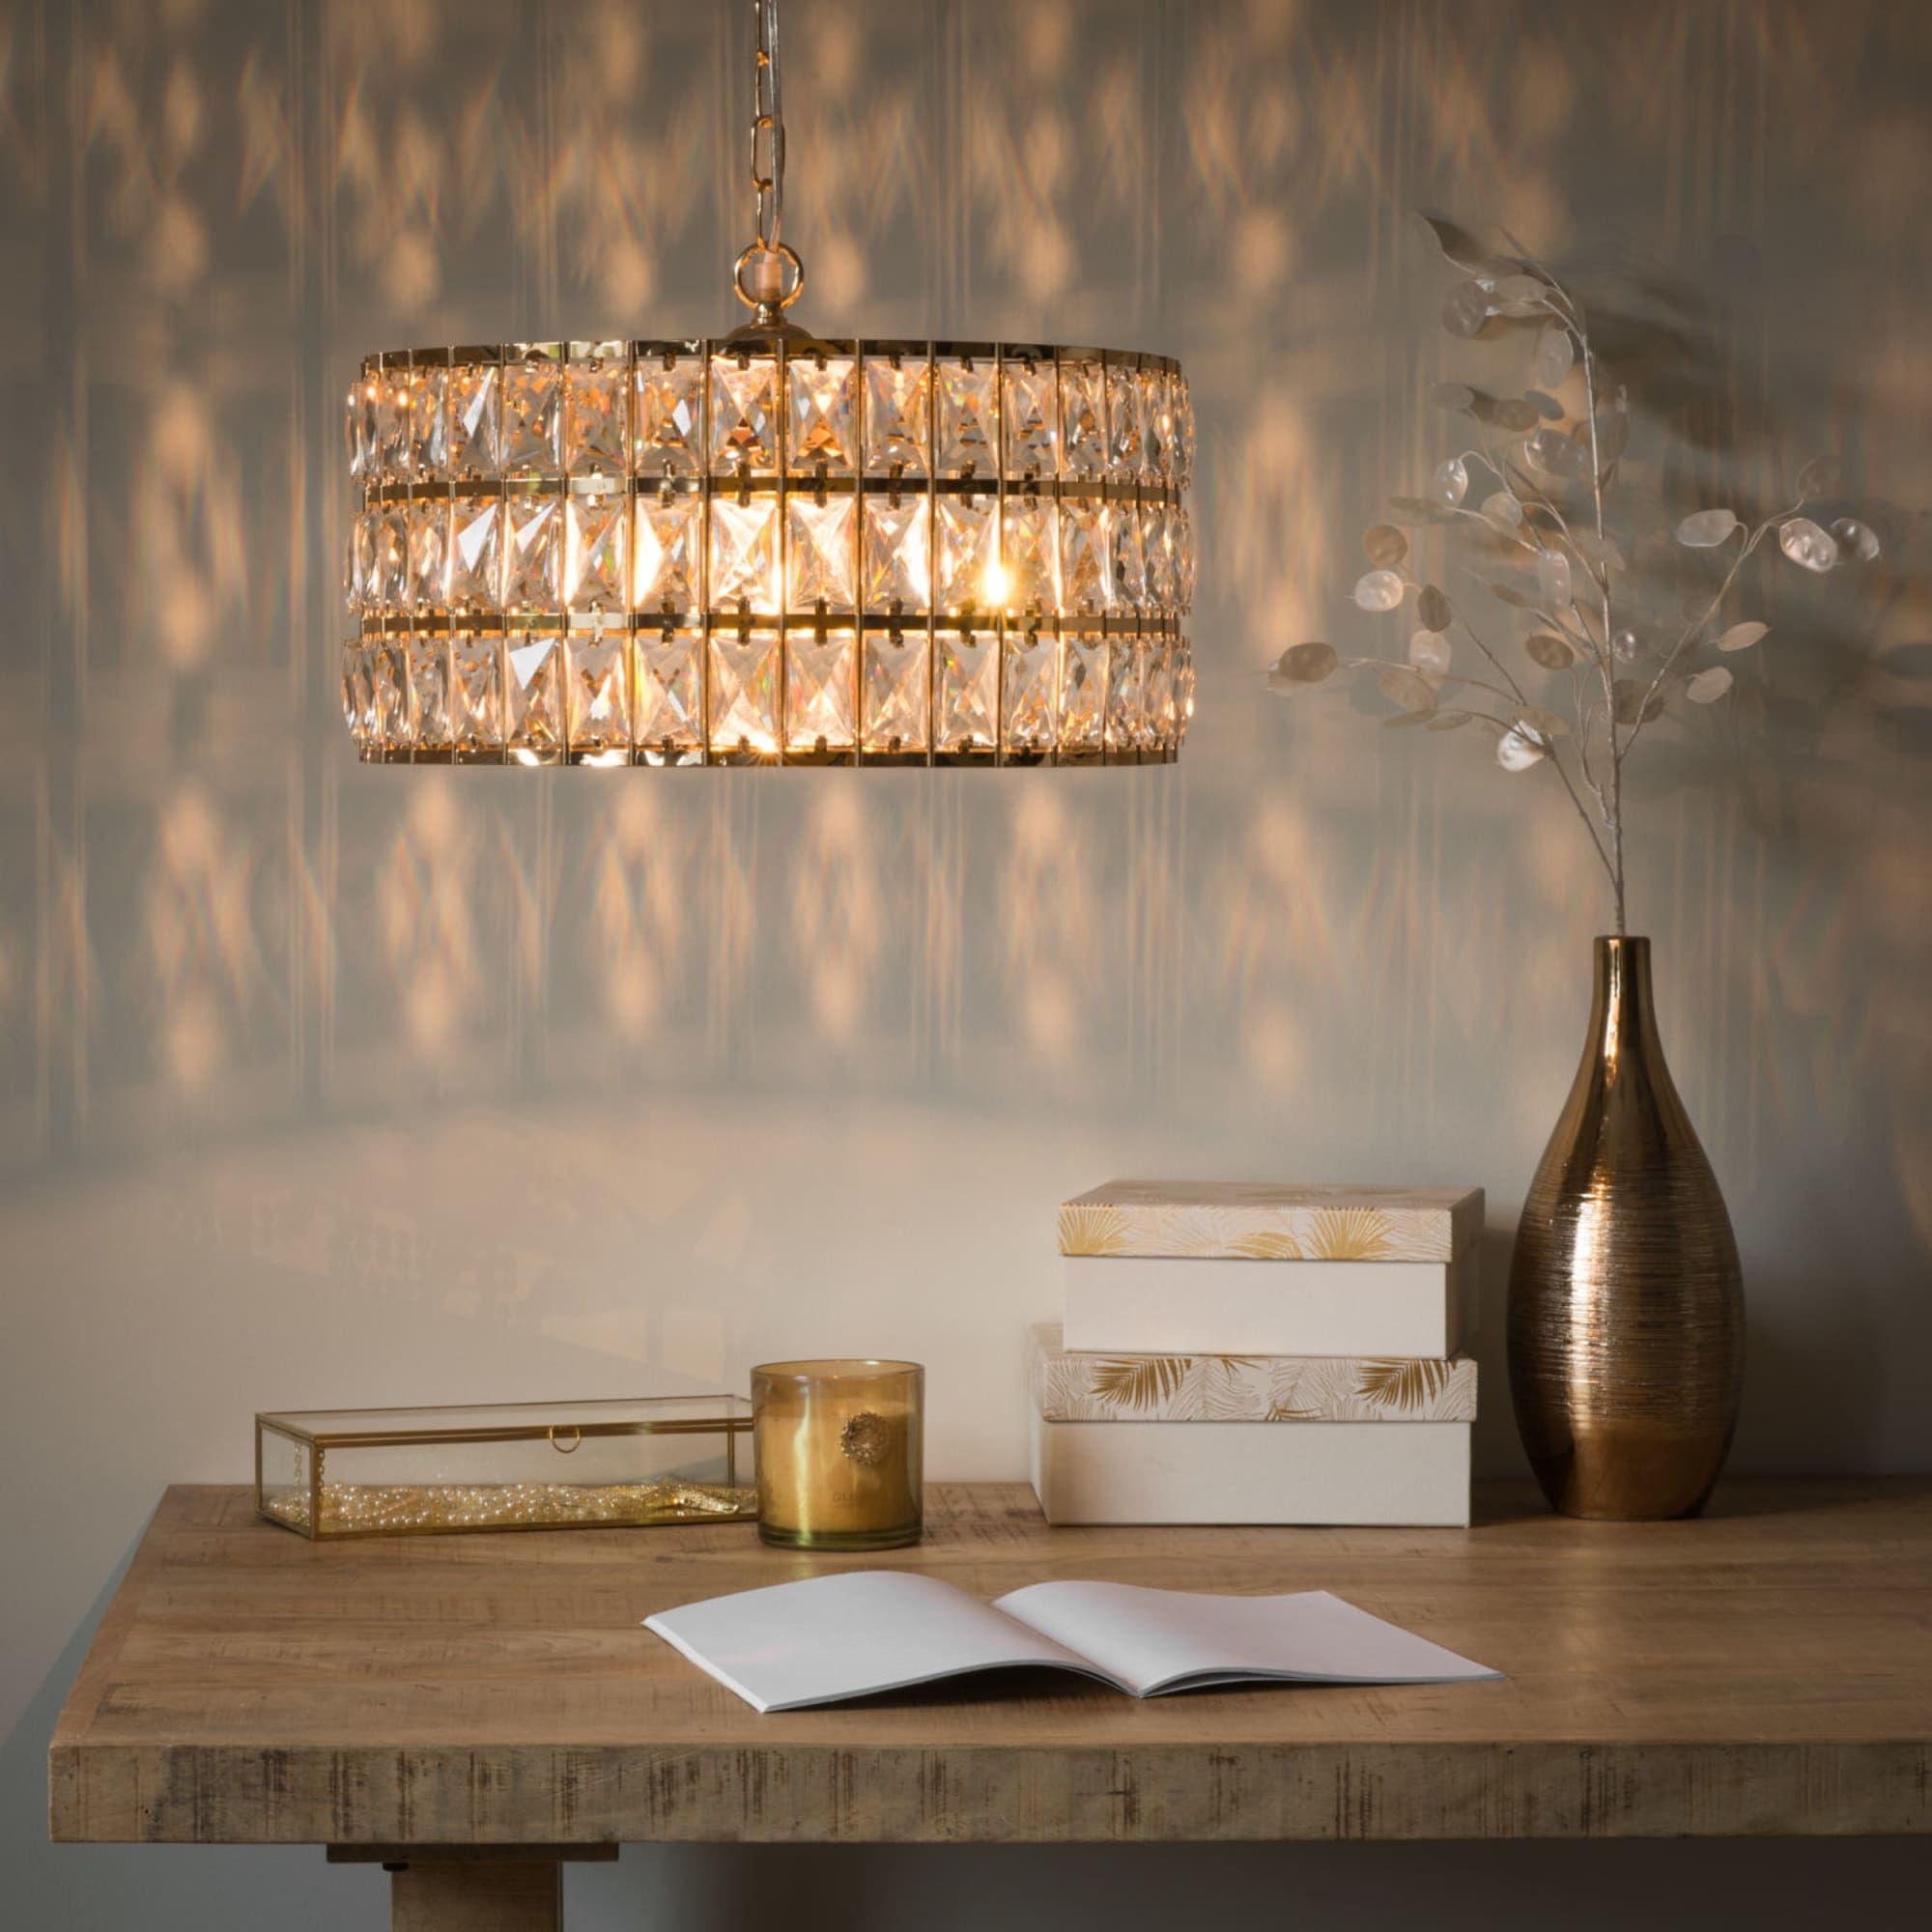 Suspension en métal doré et brillants Dubai  Hanglamp, Kruk stoel